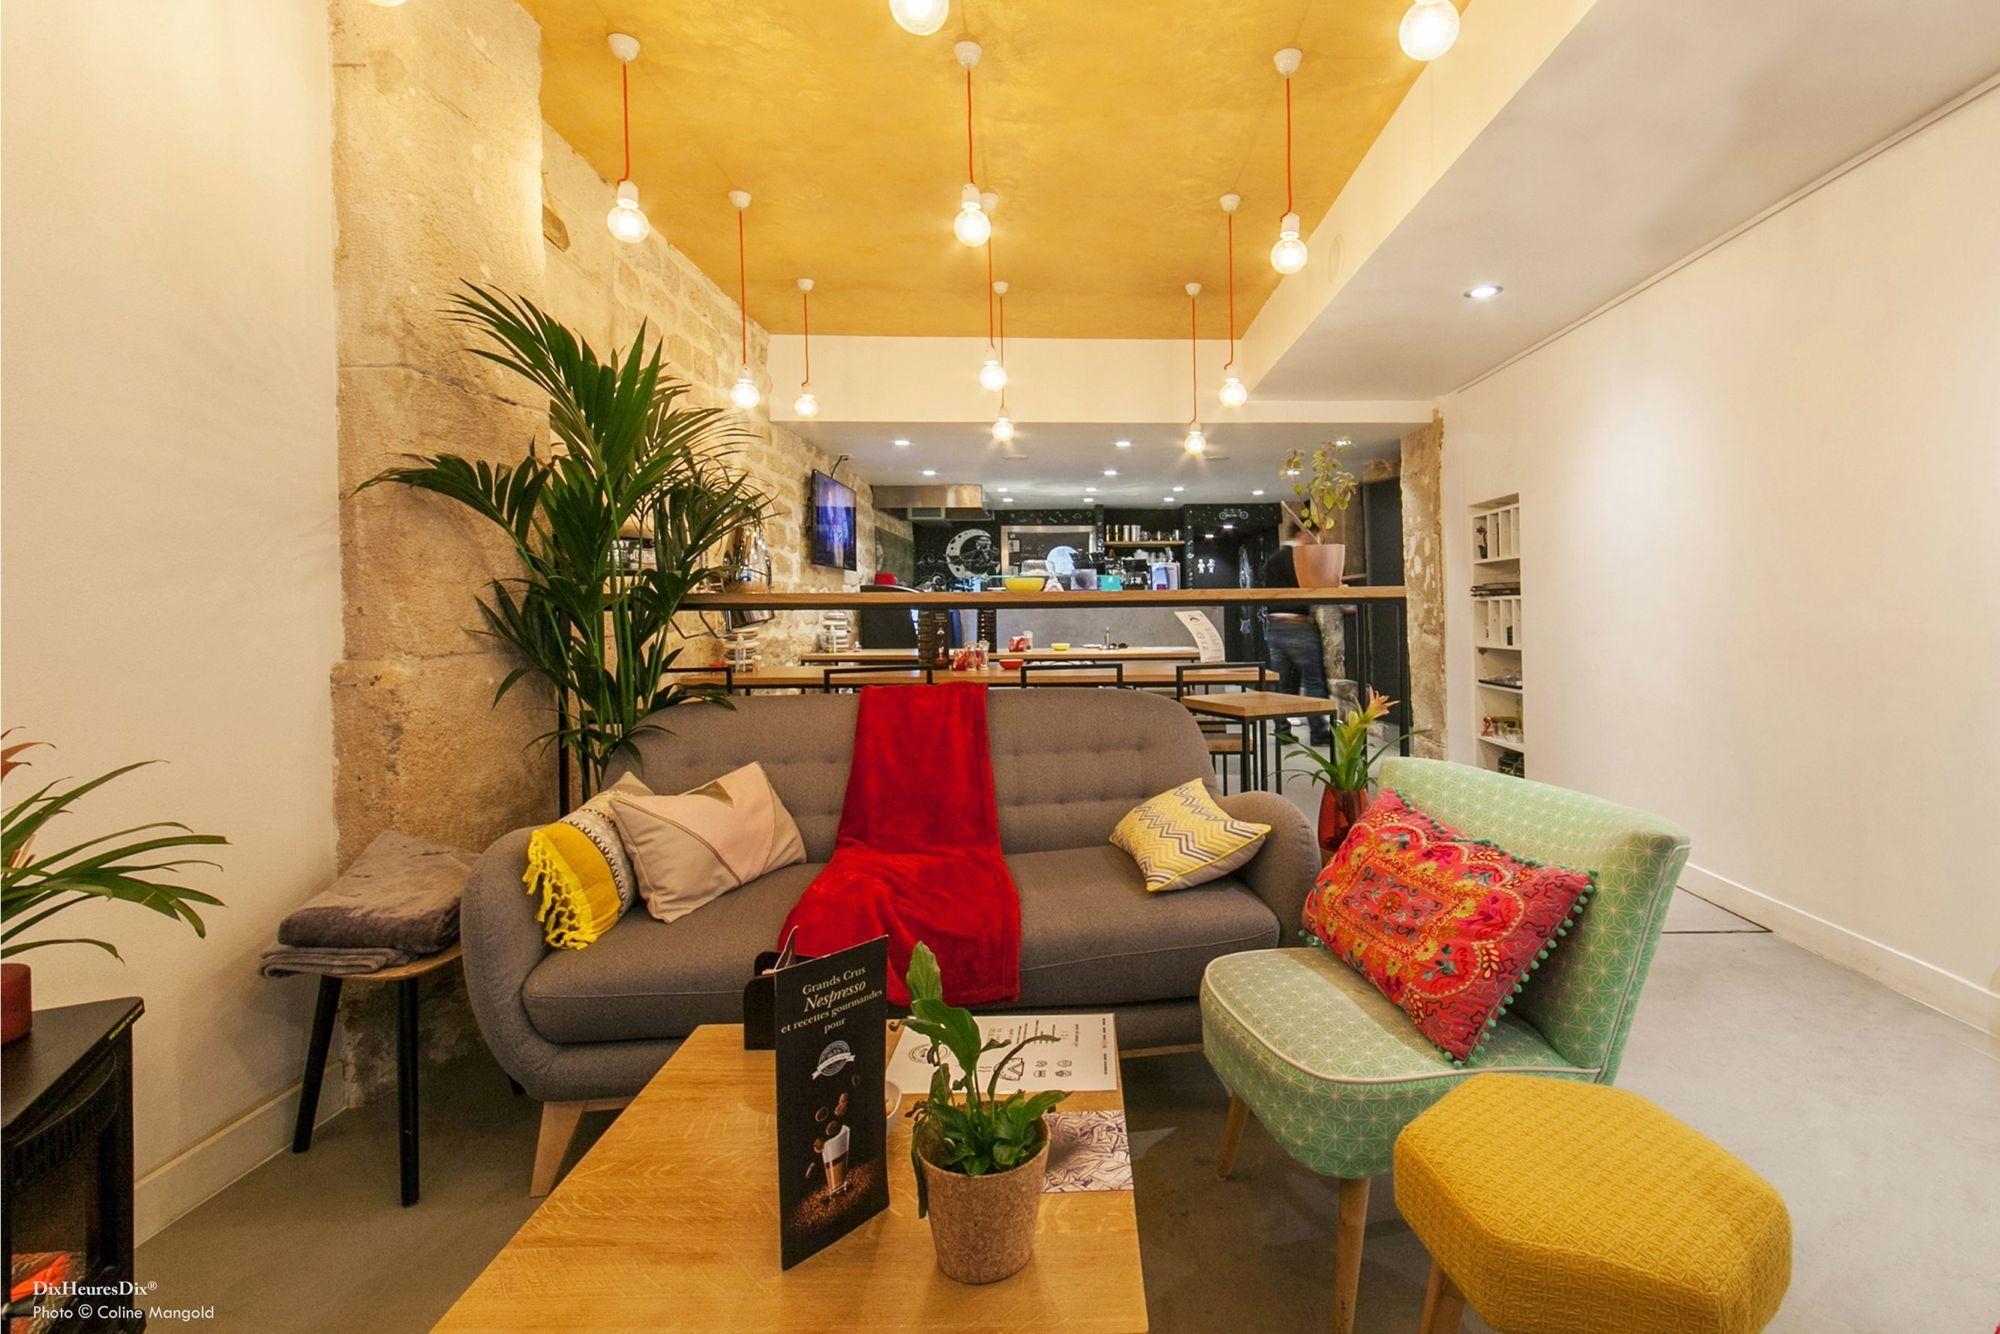 Espace canapé du restaurant aménagée avec des coussins et plaides colorés